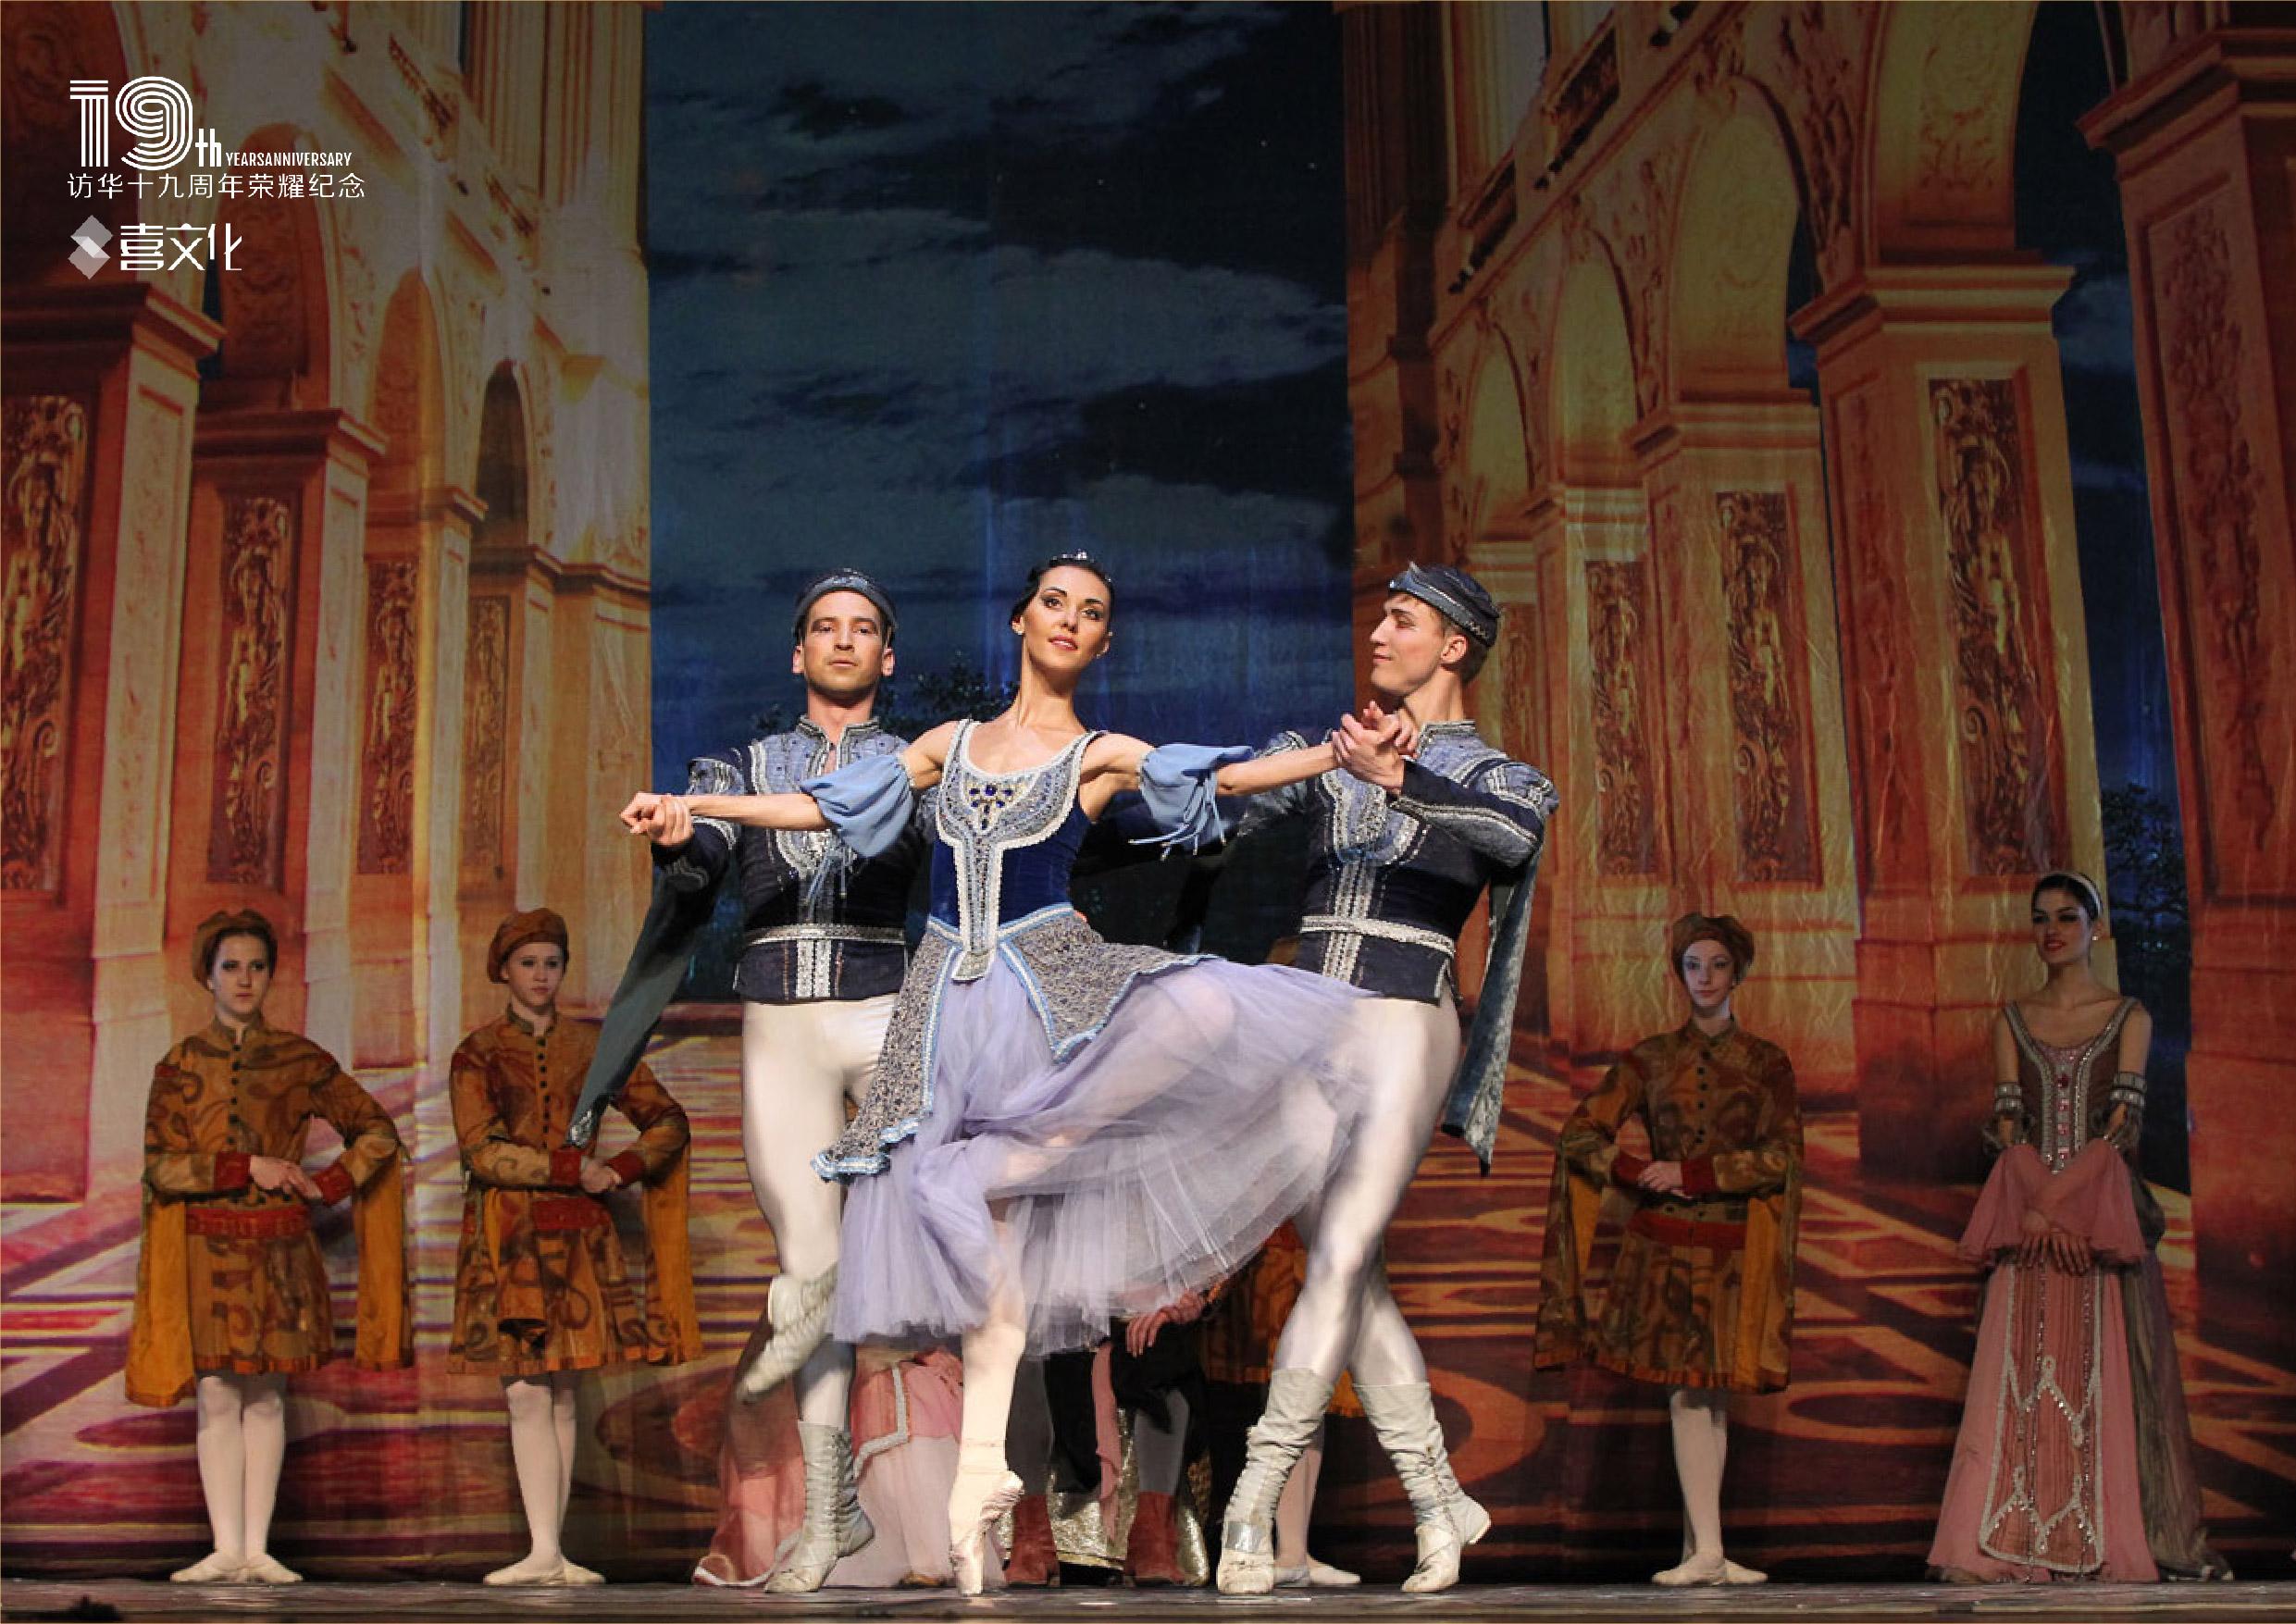 连续访华19周年品质纪念―俄罗斯皇家芭蕾舞团《天鹅湖》2019中国巡演・苏州站